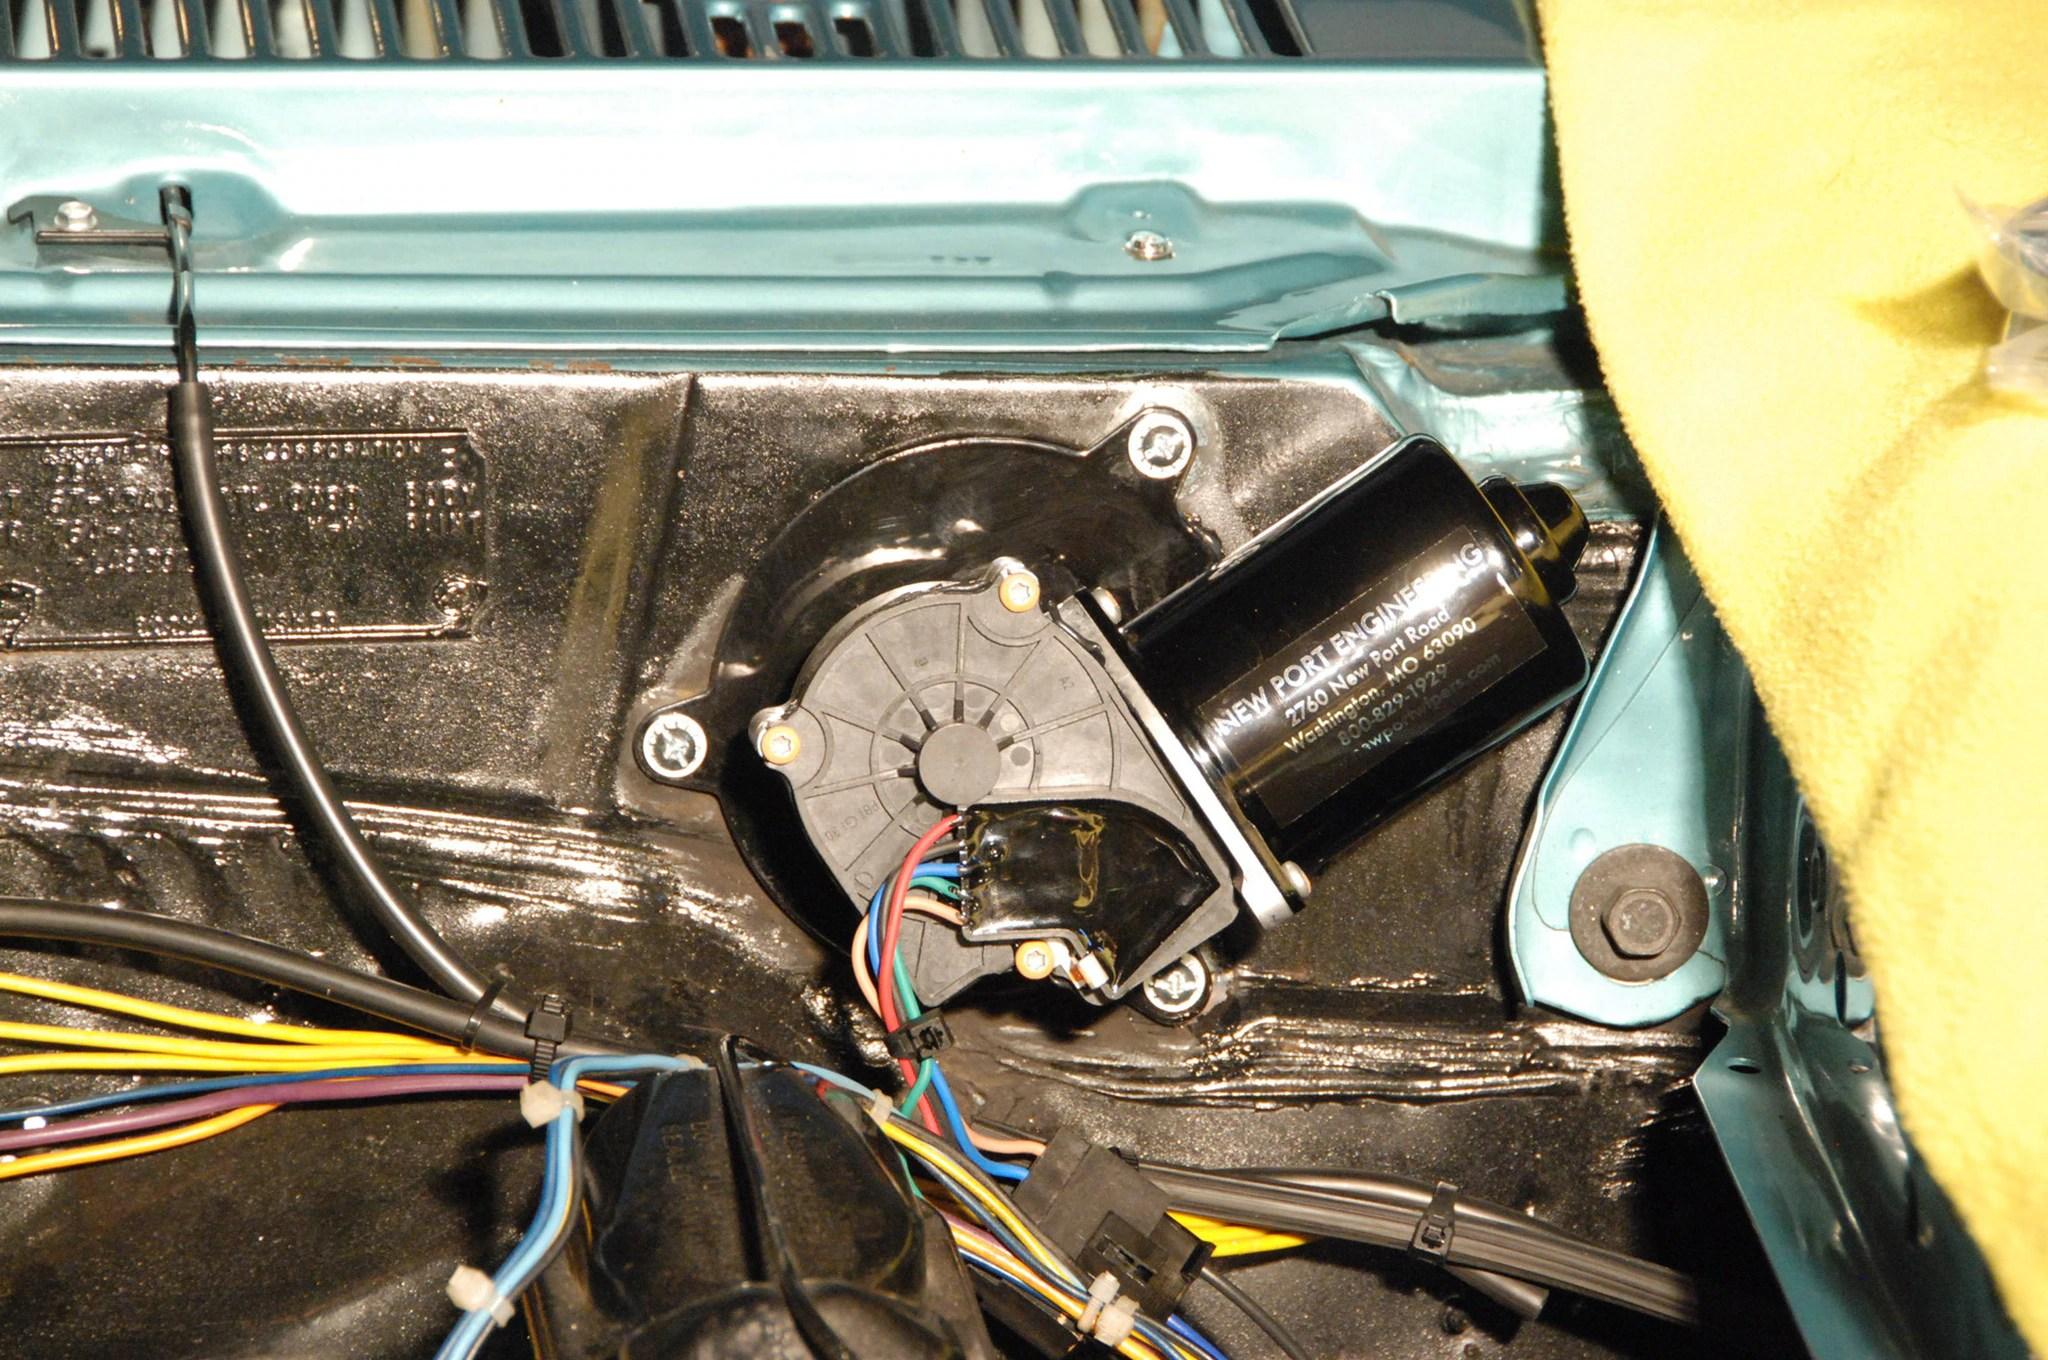 medium resolution of 1966 chevelle windshield wiper washer wiring diagram little wiring 1990 chevy windshield wiper wiring 1966 chevelle windshield wiper washer wiring diagram